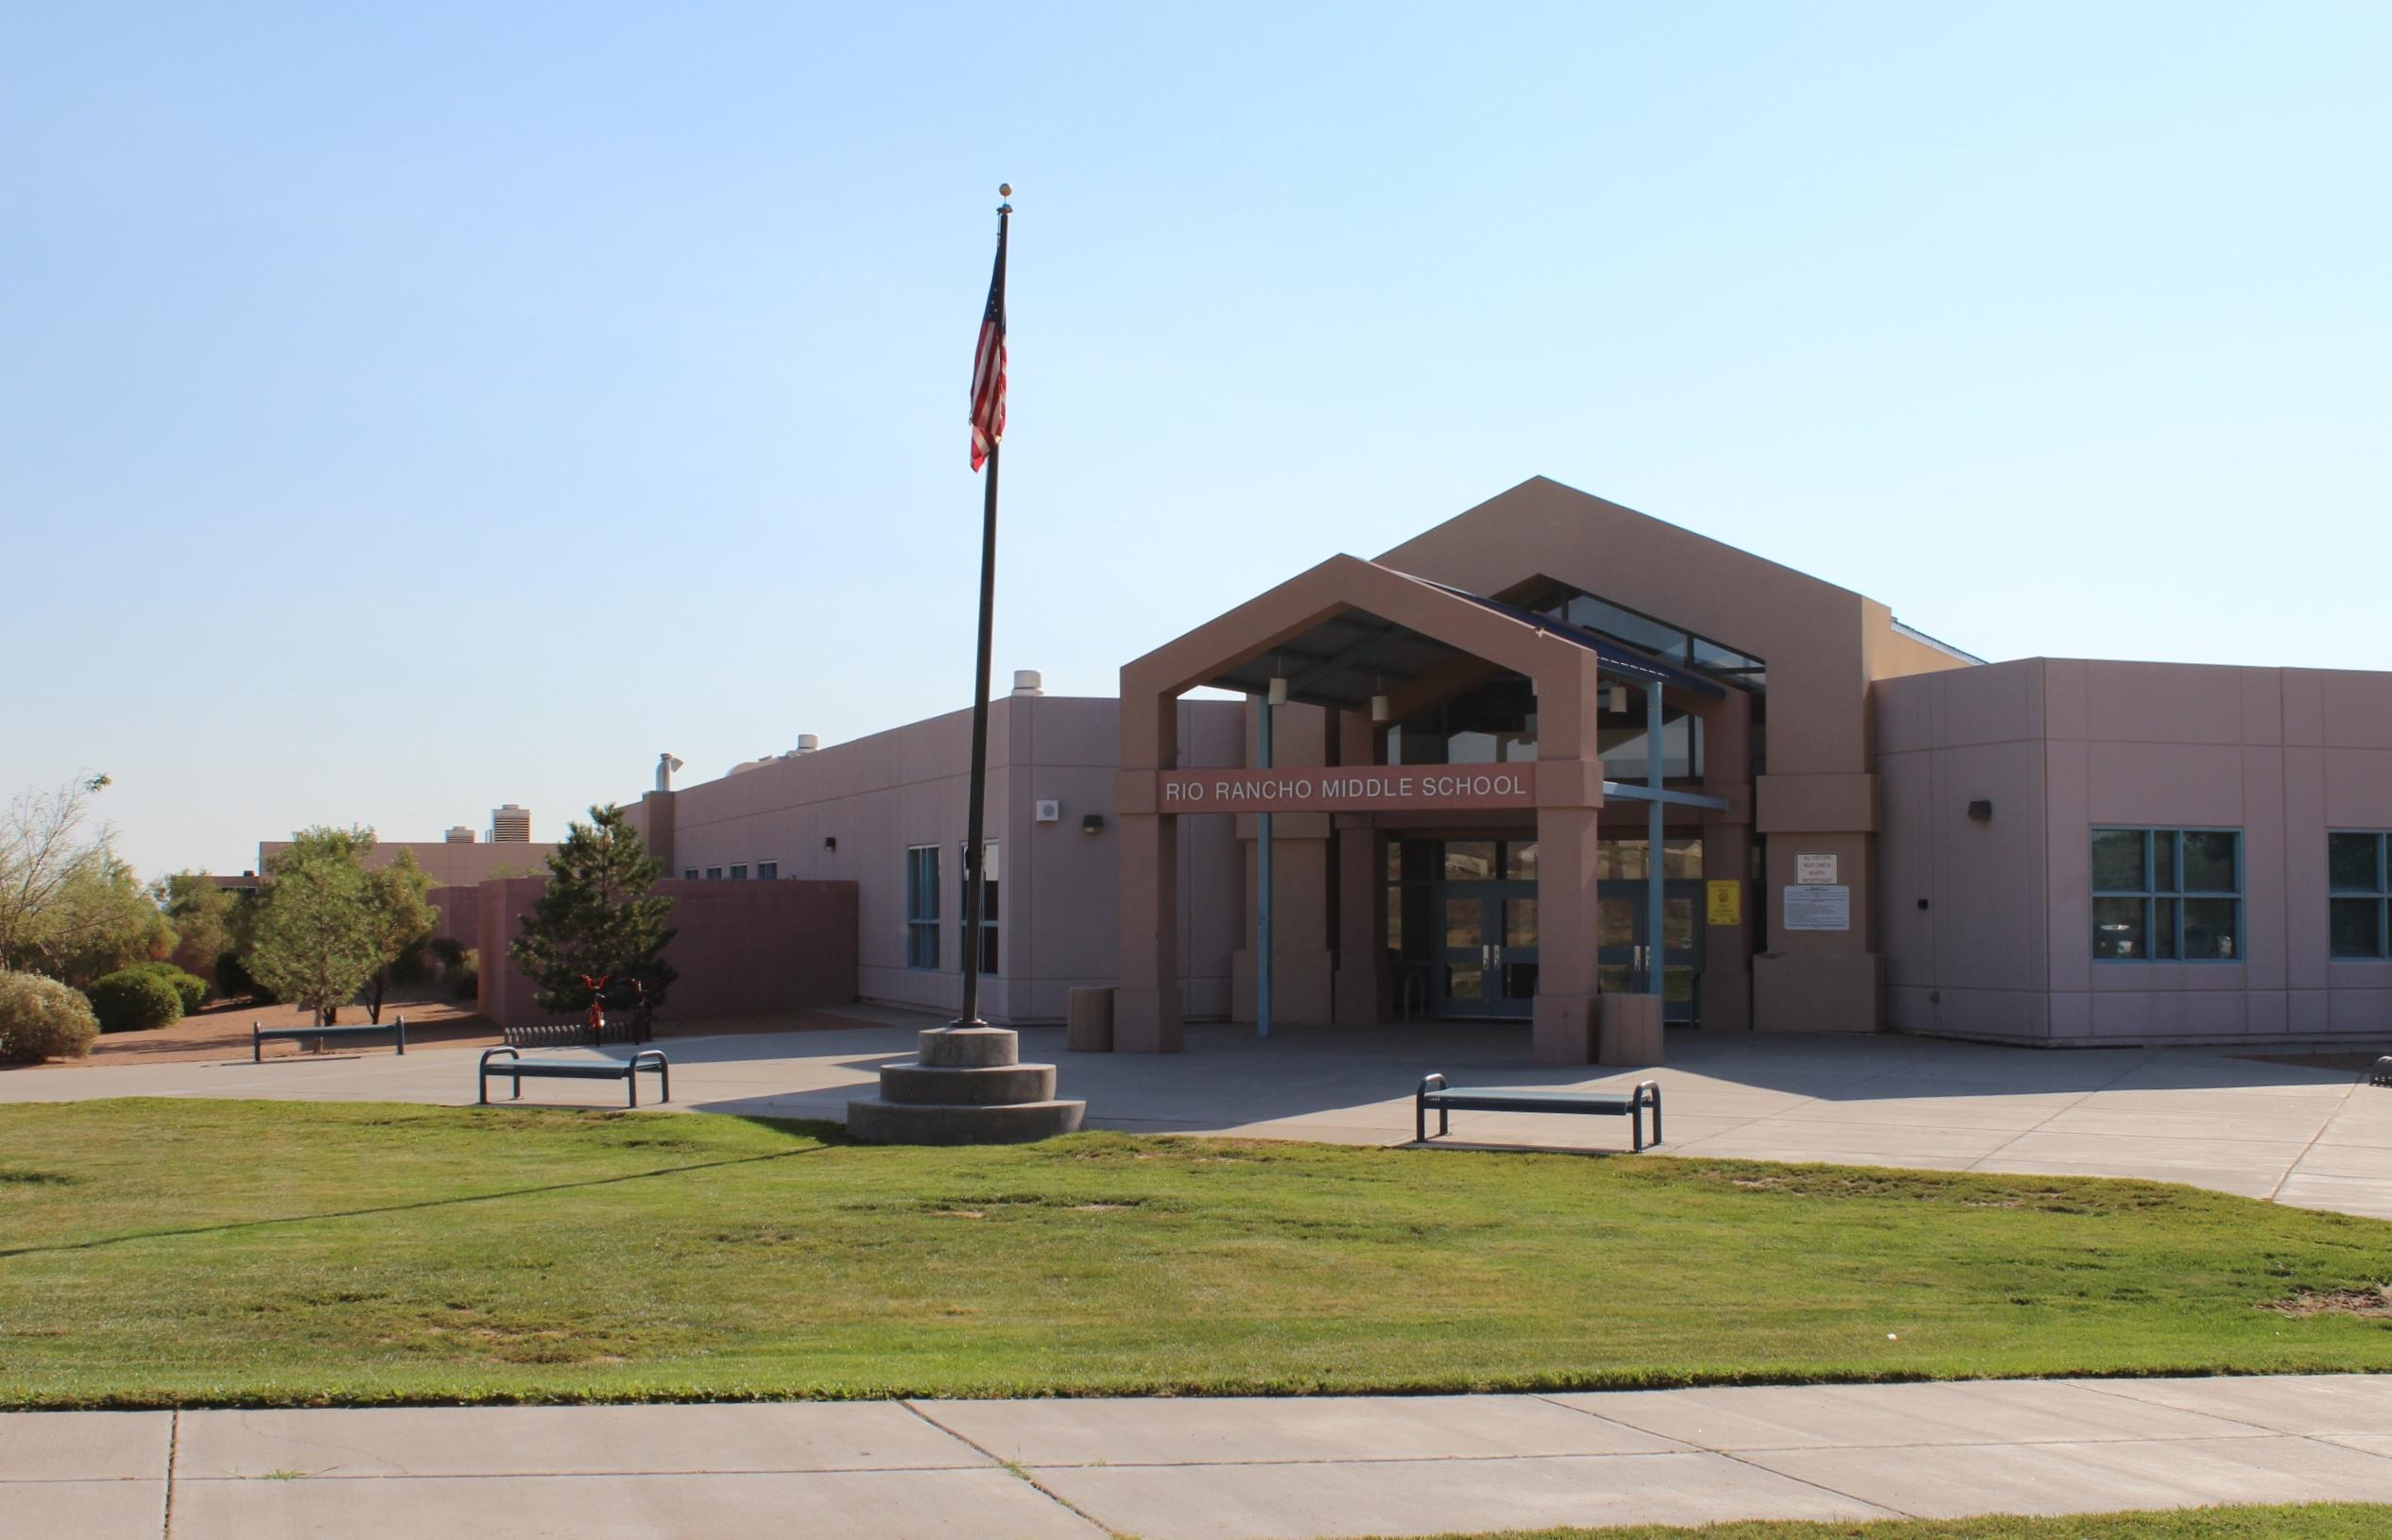 Entrance image of Rio Rancho Middle School